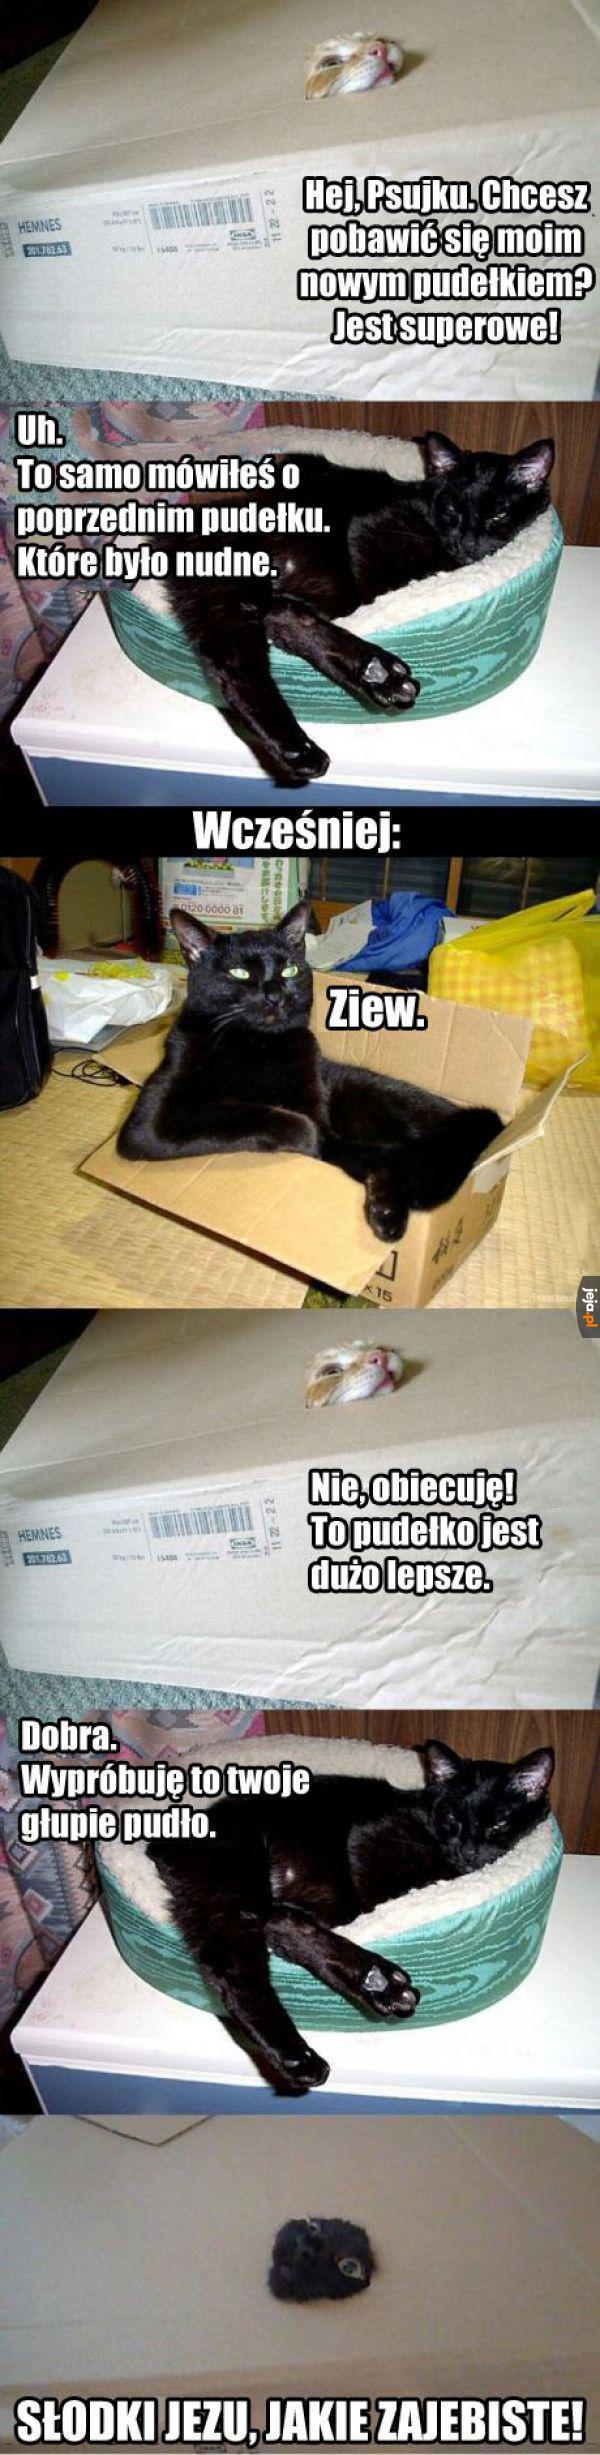 Nowe pudełko